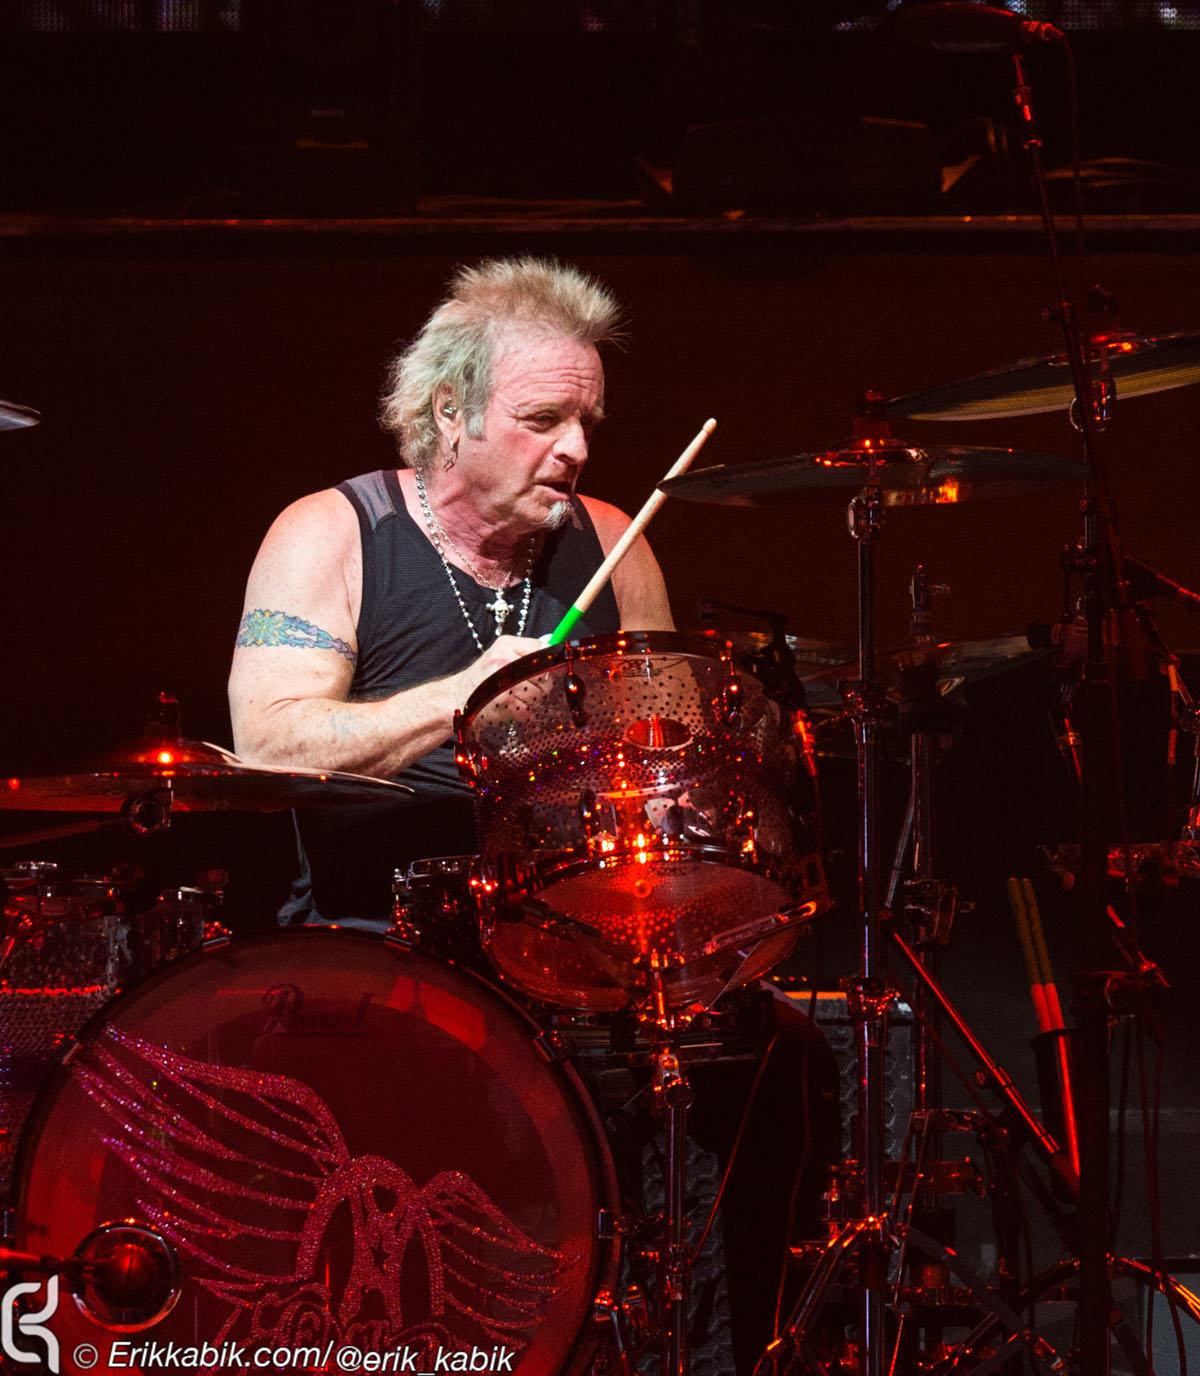 08_01_15_Aerosmith_MGM_kabik-69.jpg